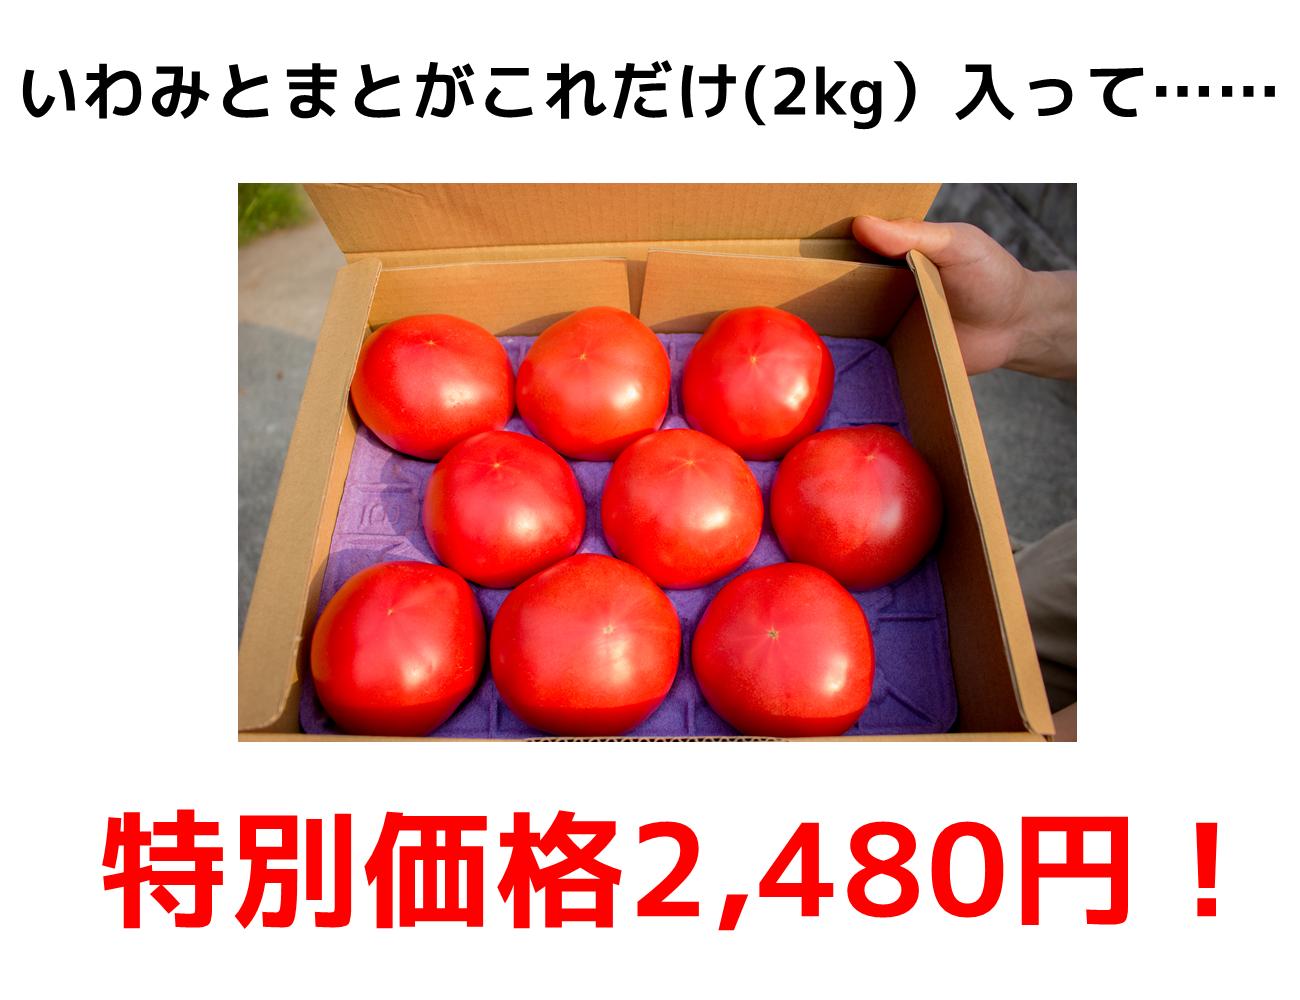 いわみとまとが2kg入って、通販特別価格2480円